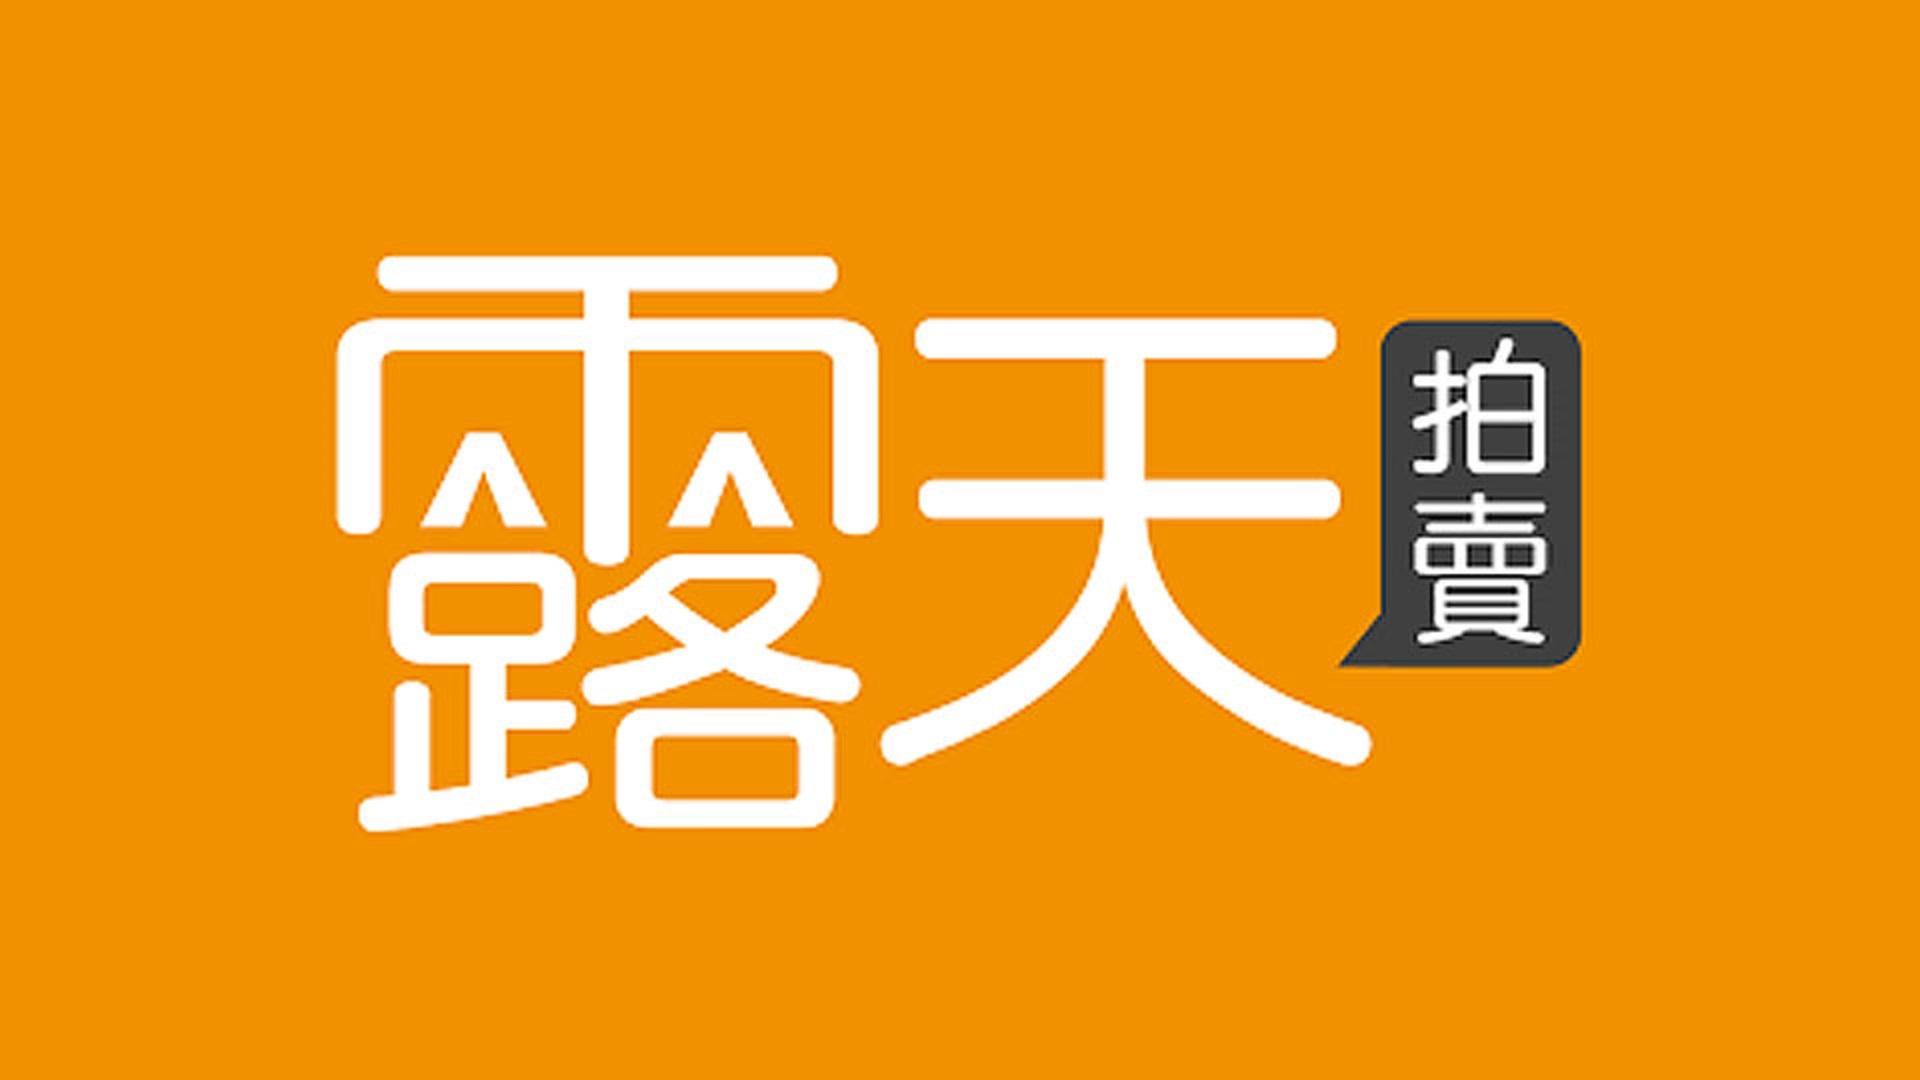 【音樂年華】郭靜純~暗示NUDE.寫真惠聚雷射LD | 露天拍賣